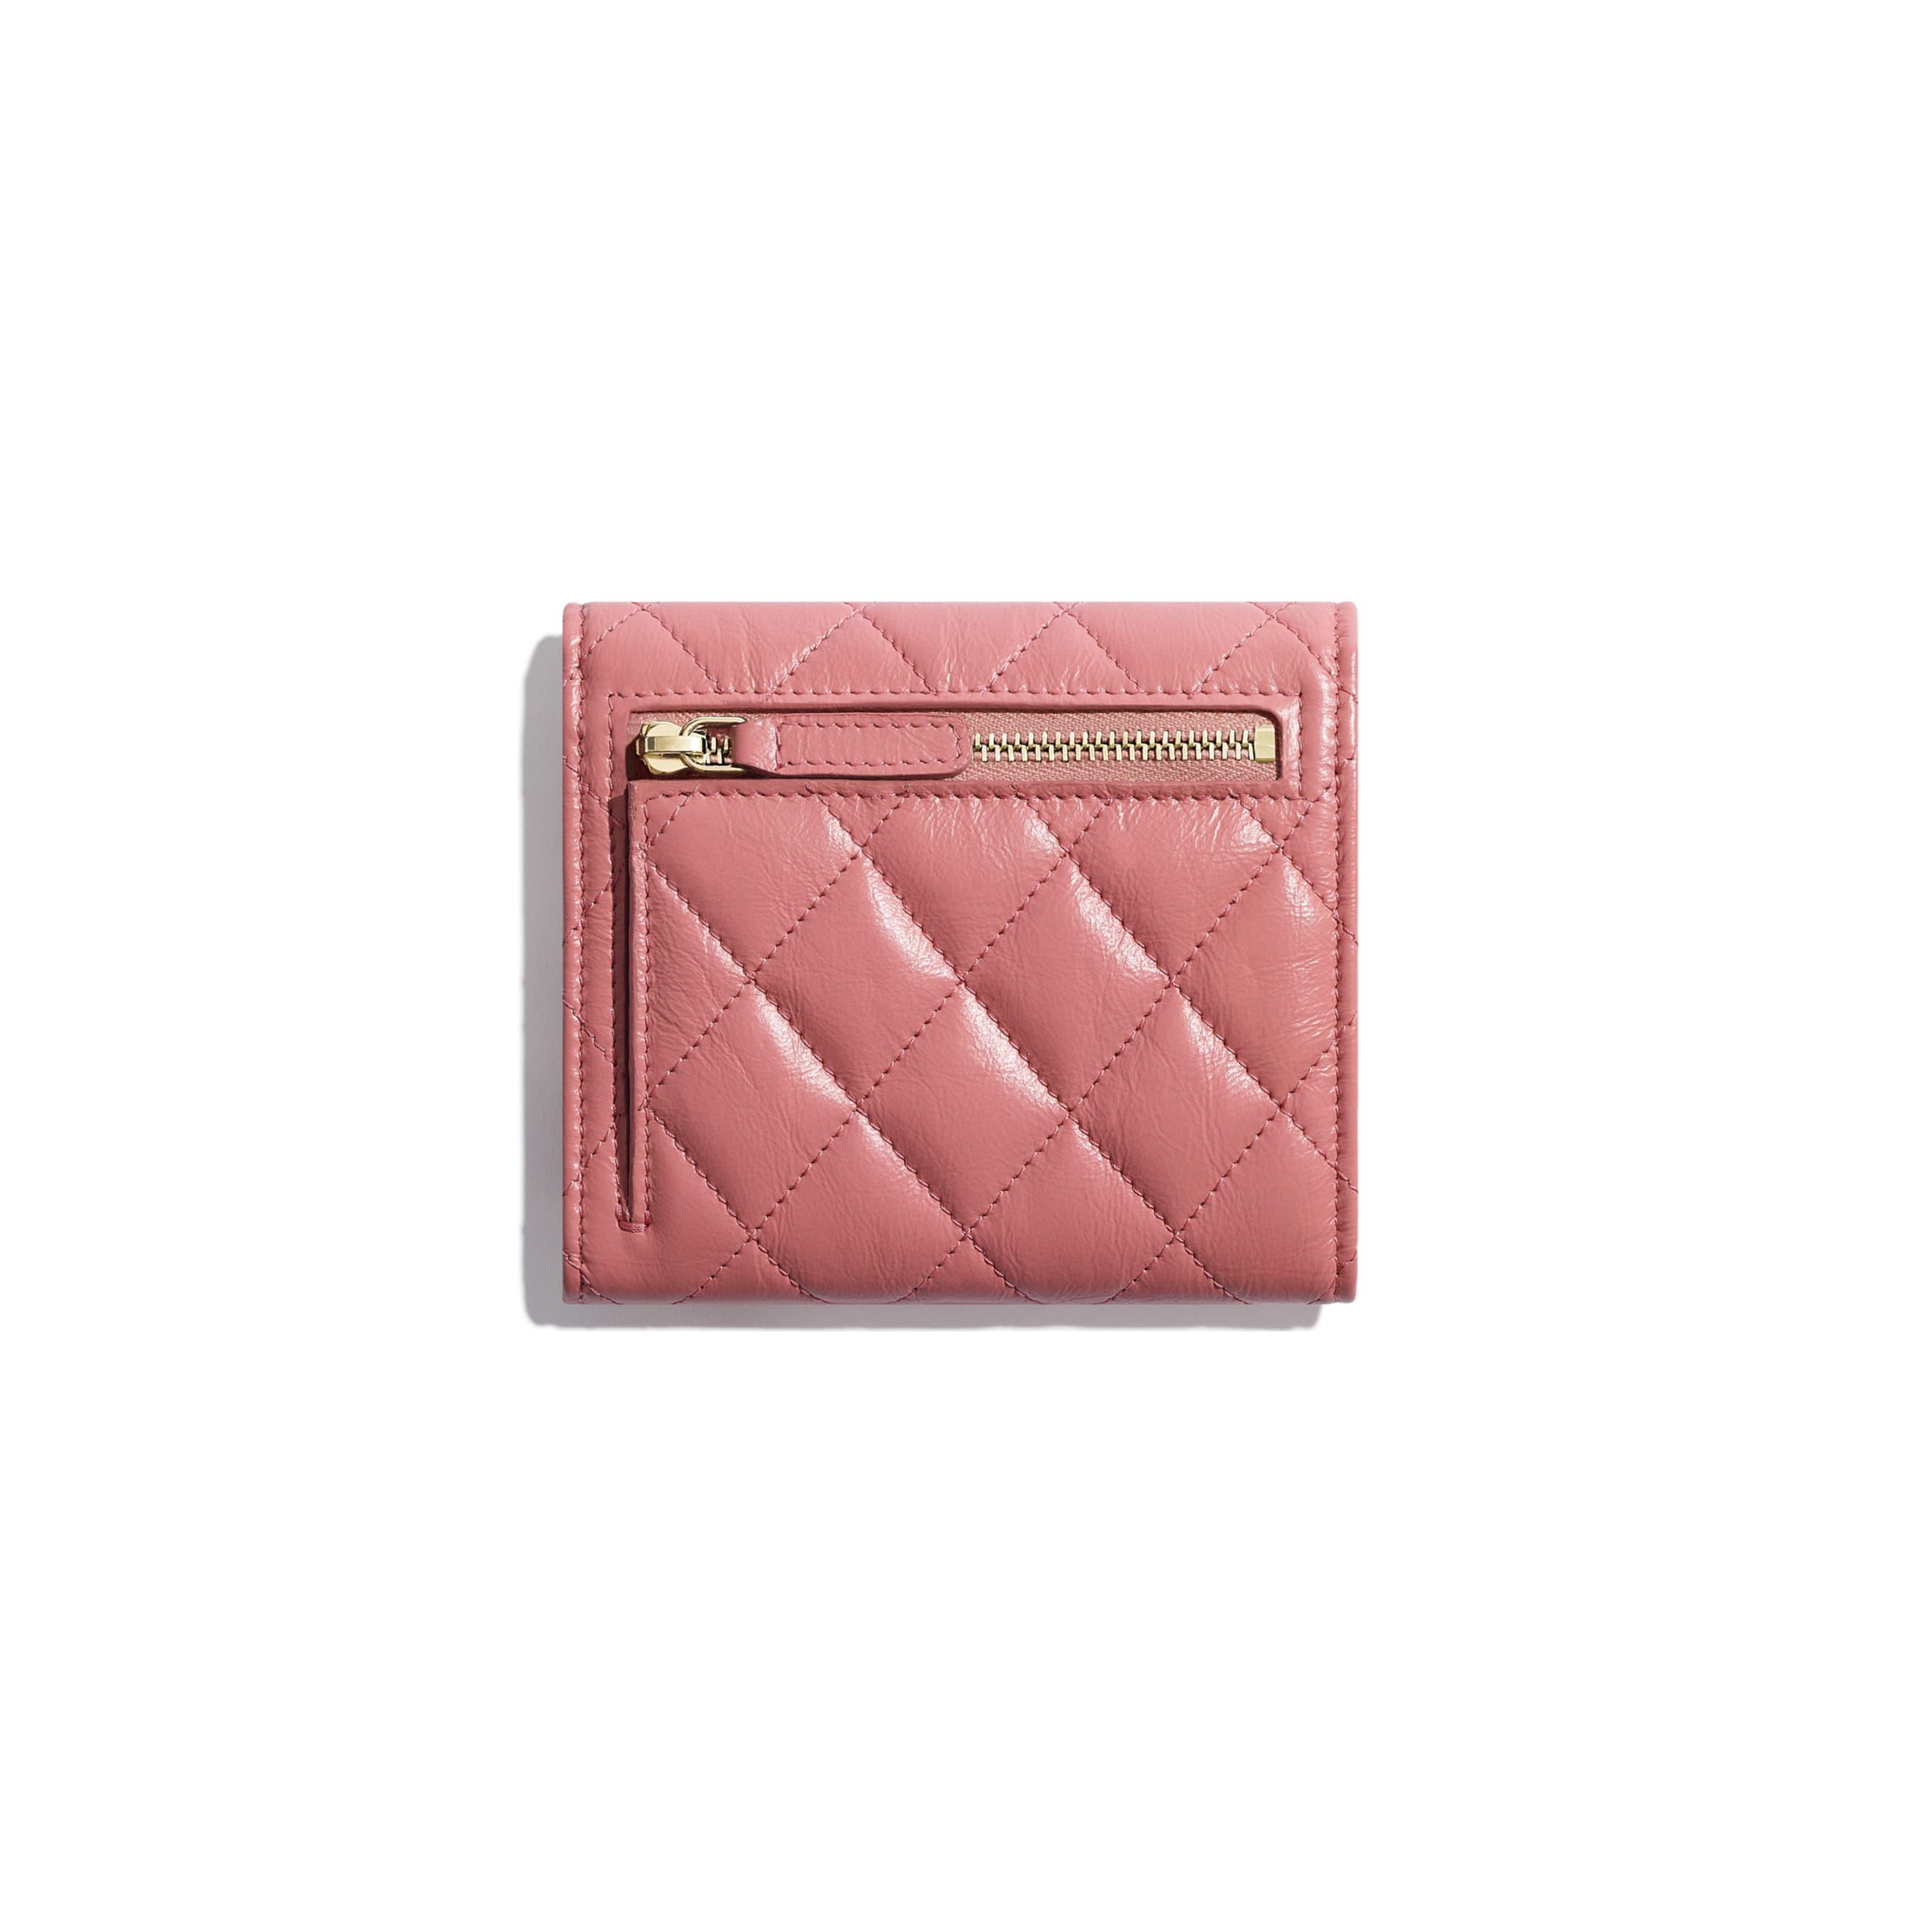 กระเป๋าสตางค์ 2.55 ใบเล็ก - สีชมพู - หนังลูกวัวย่น, โลหะสีทอง - มุมมองทางอื่น - ดูเวอร์ชันขนาดมาตรฐาน